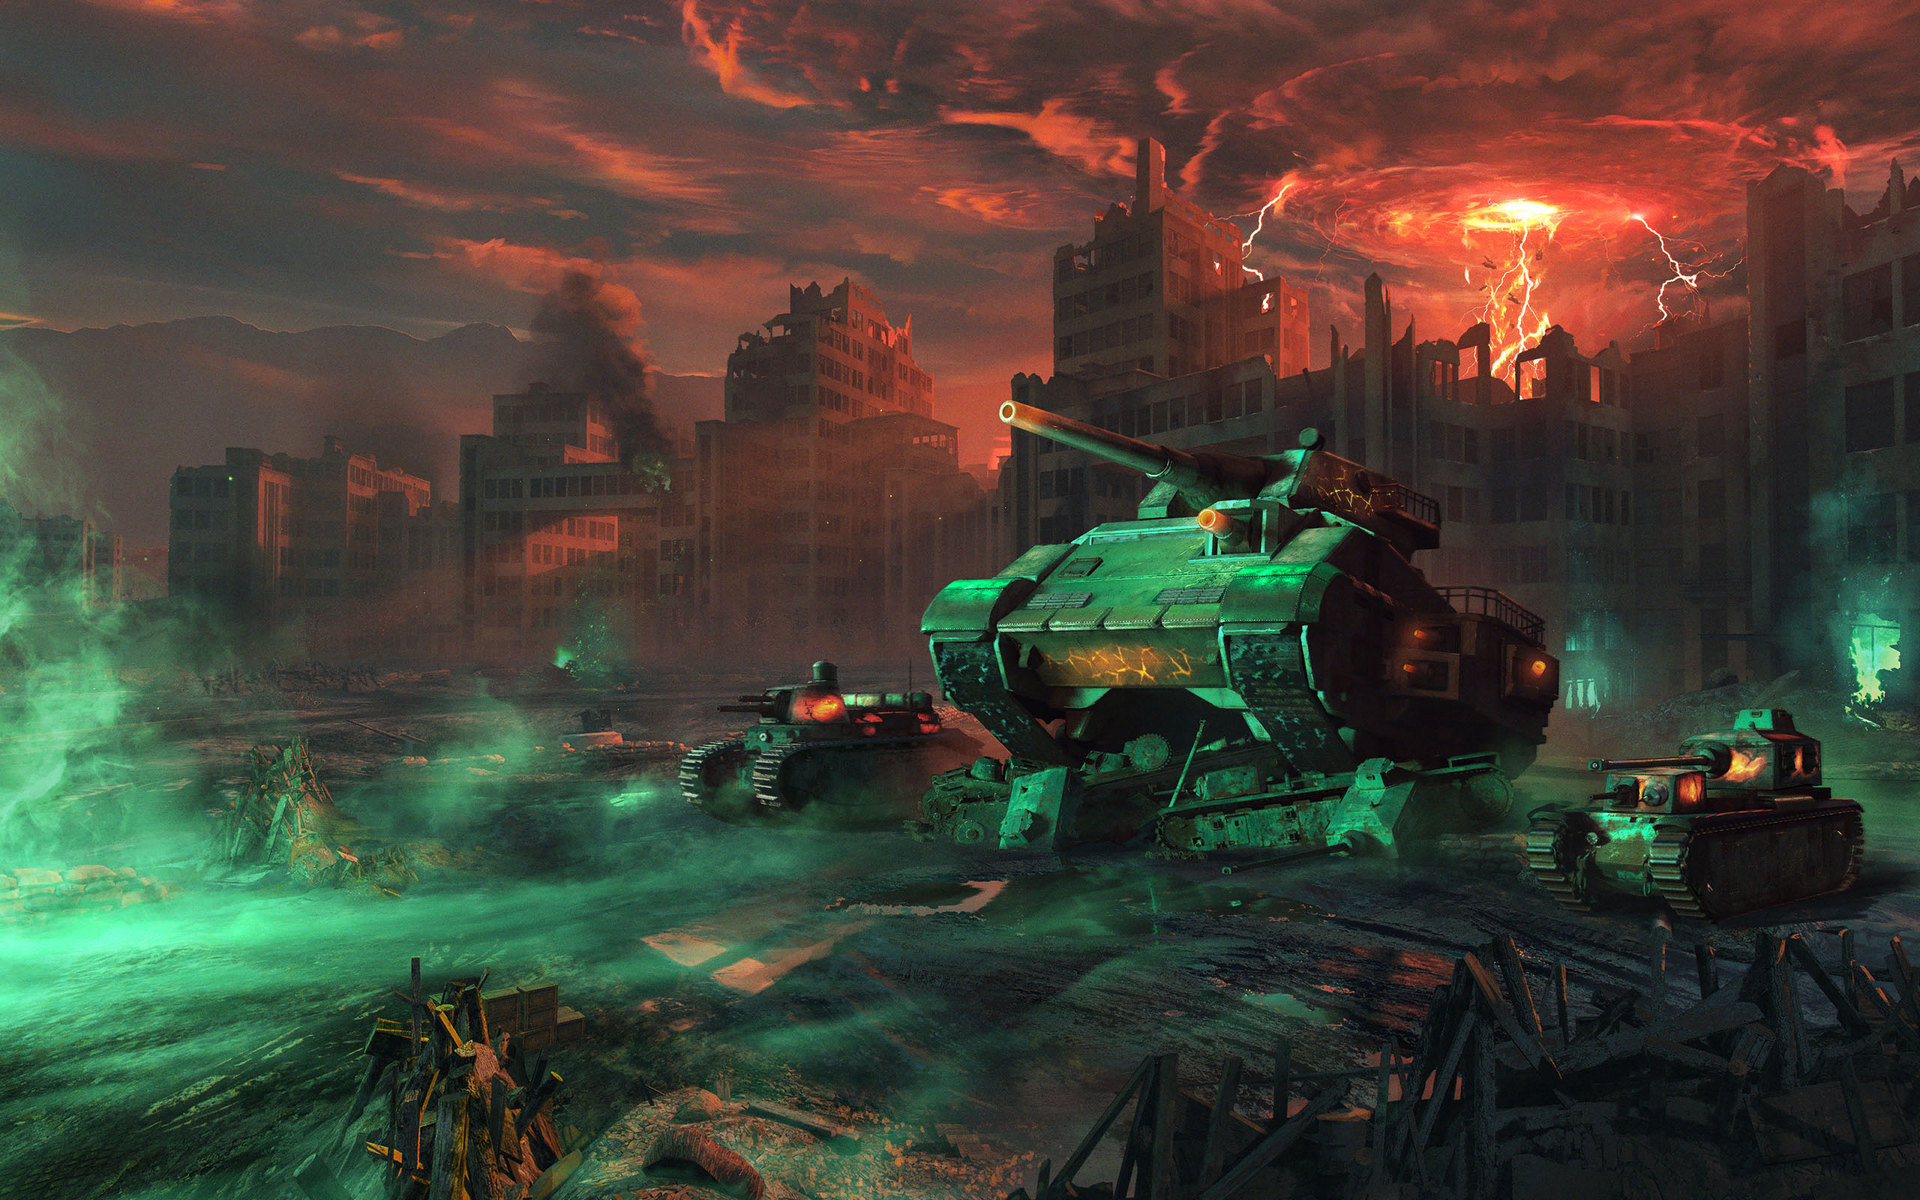 картинка левиафана из танков театра составляли камерные